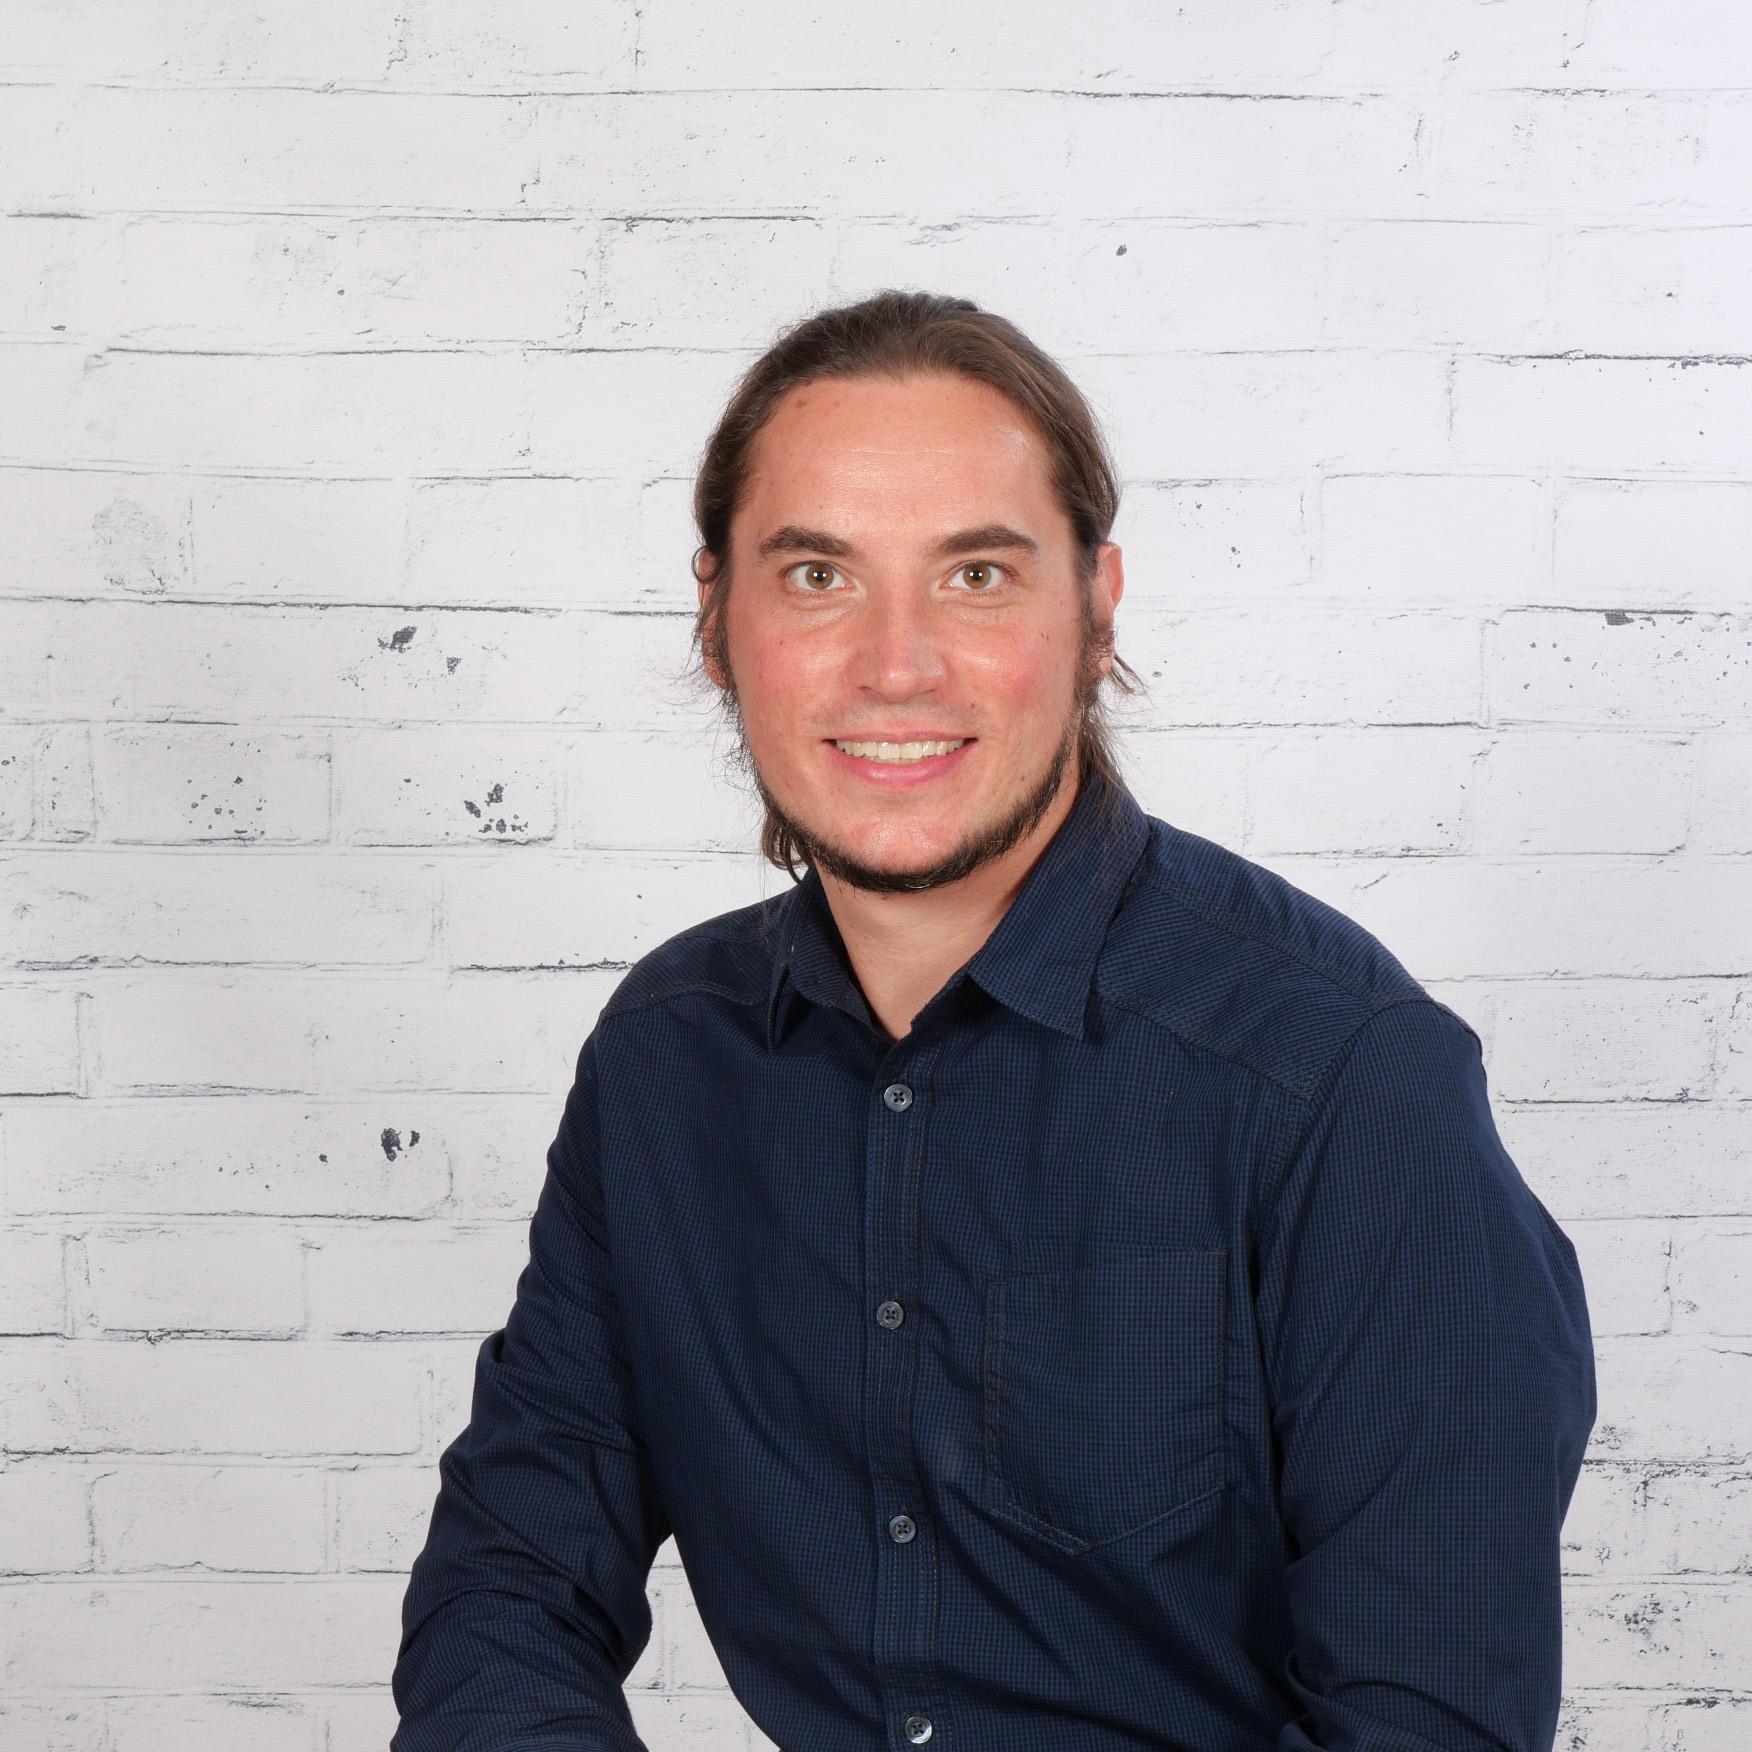 Profilbild von Jörn Fried